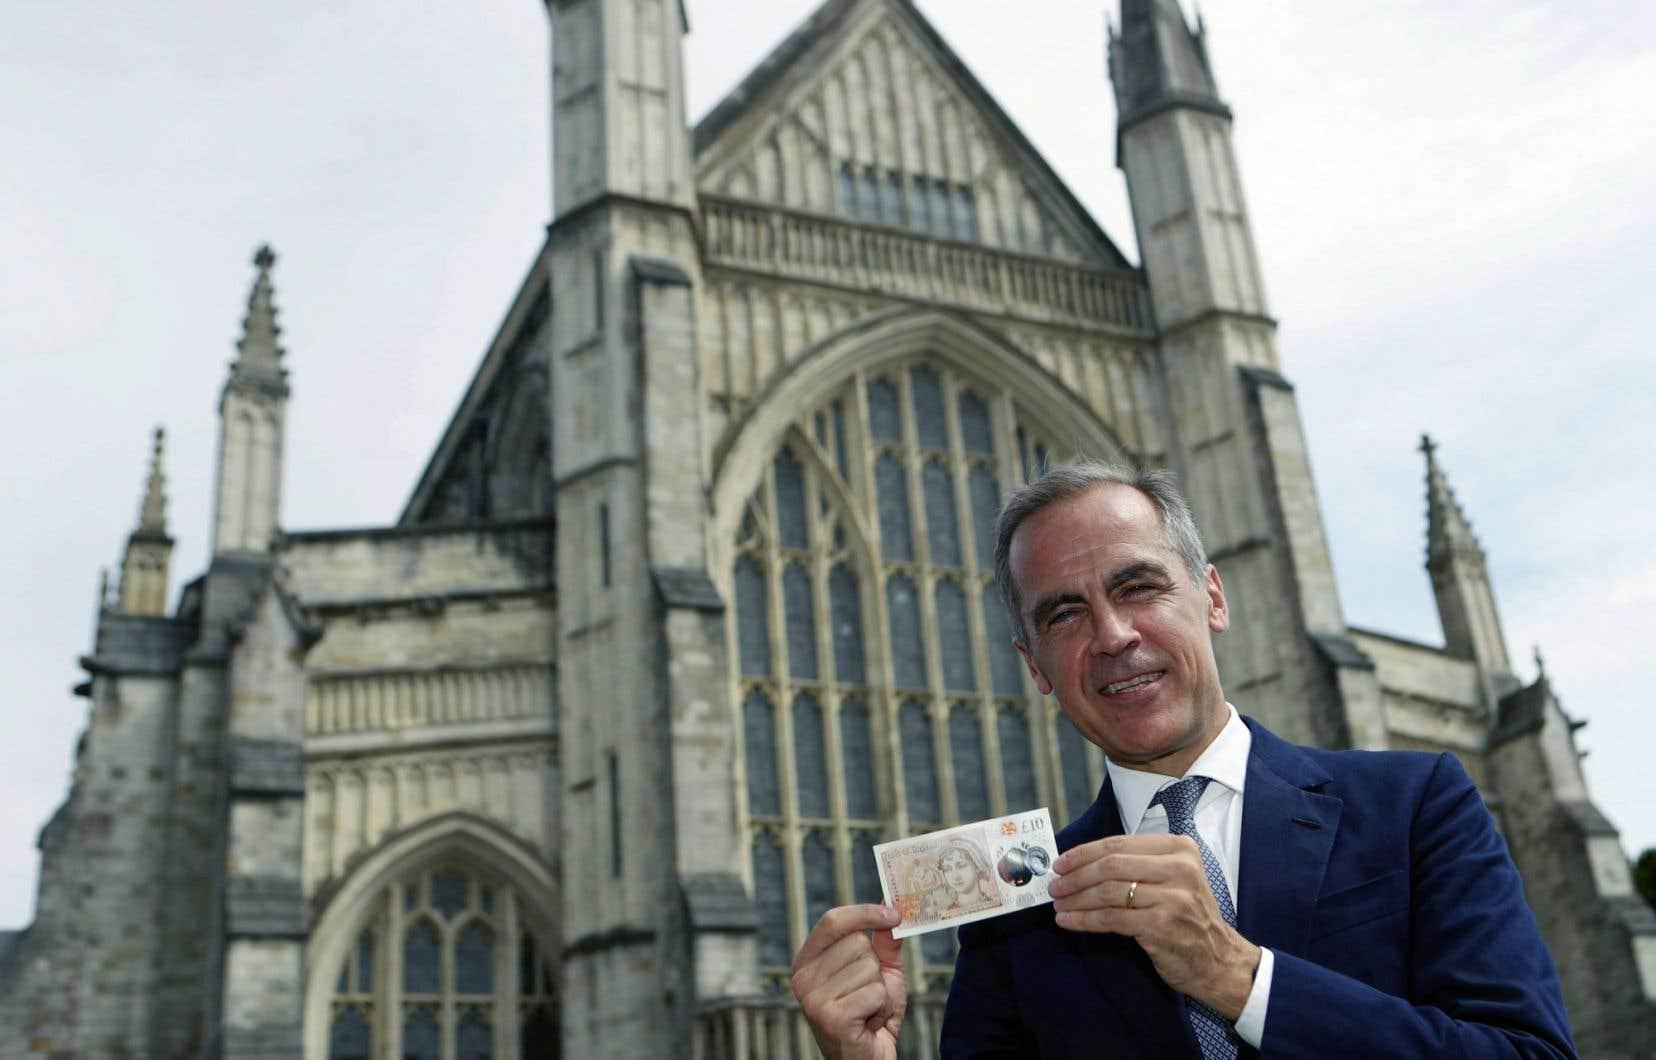 Exactement 200 ans après sa mort, la romancière Jane Austen orne le nouveau billet de 10 livres sterling dévoilé par le gouverneur de la Banque d'Angleterre, Mark Carney.